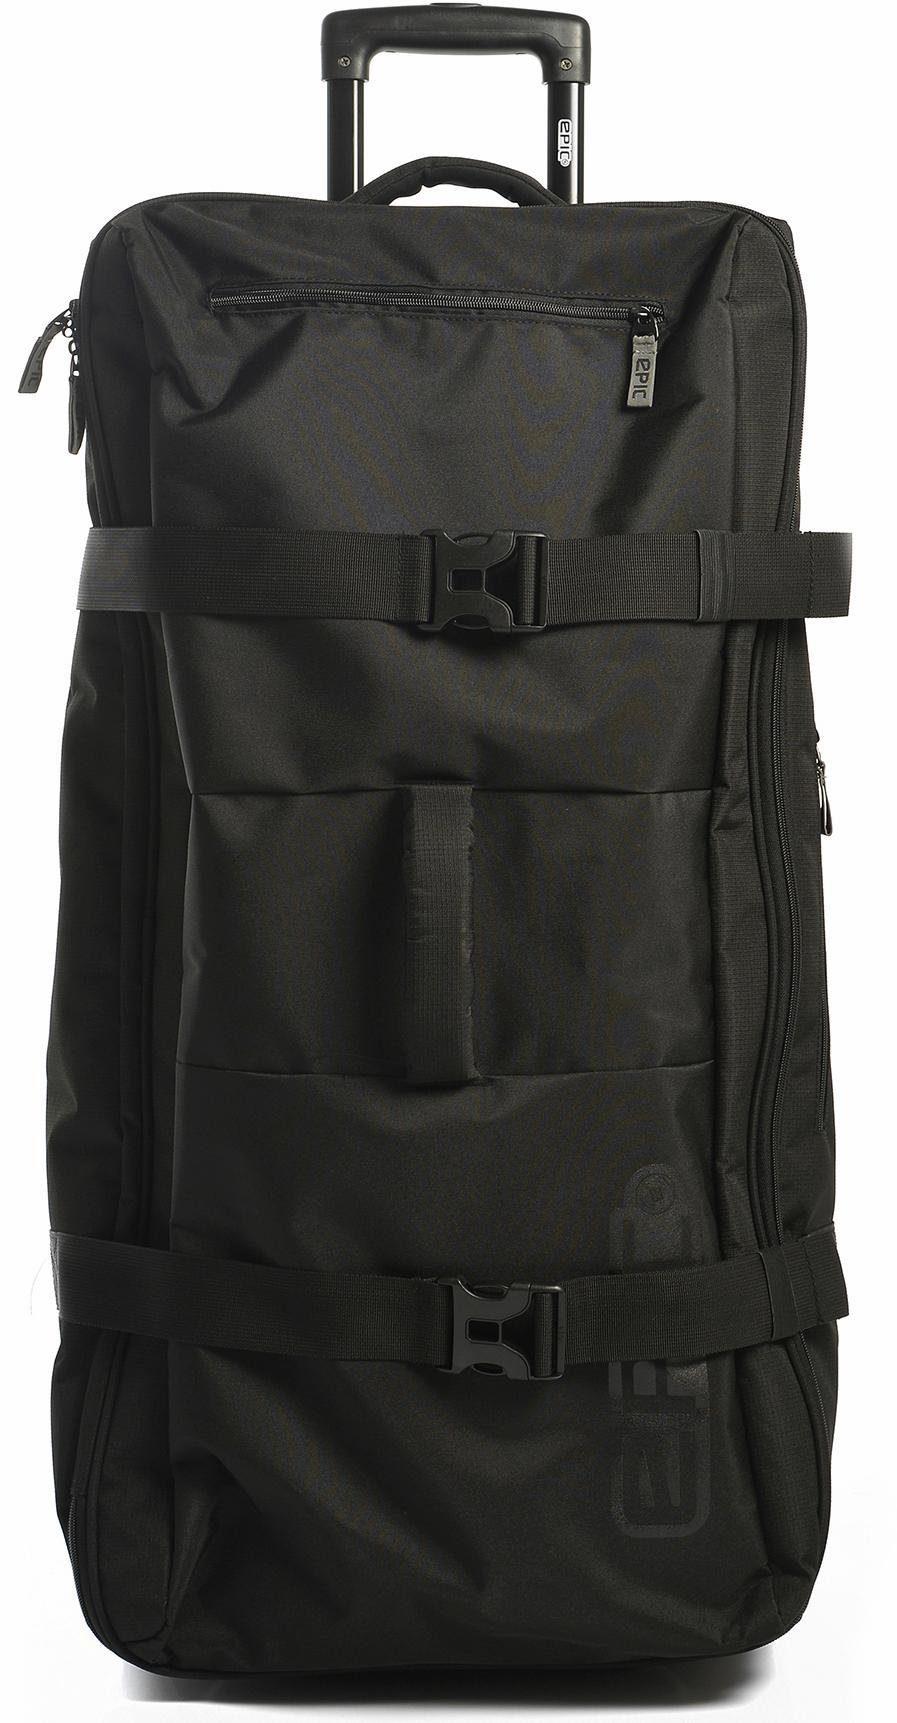 Epic Weichgepäck Rollenreisetasche, »Explorer, XL, 90 cm«